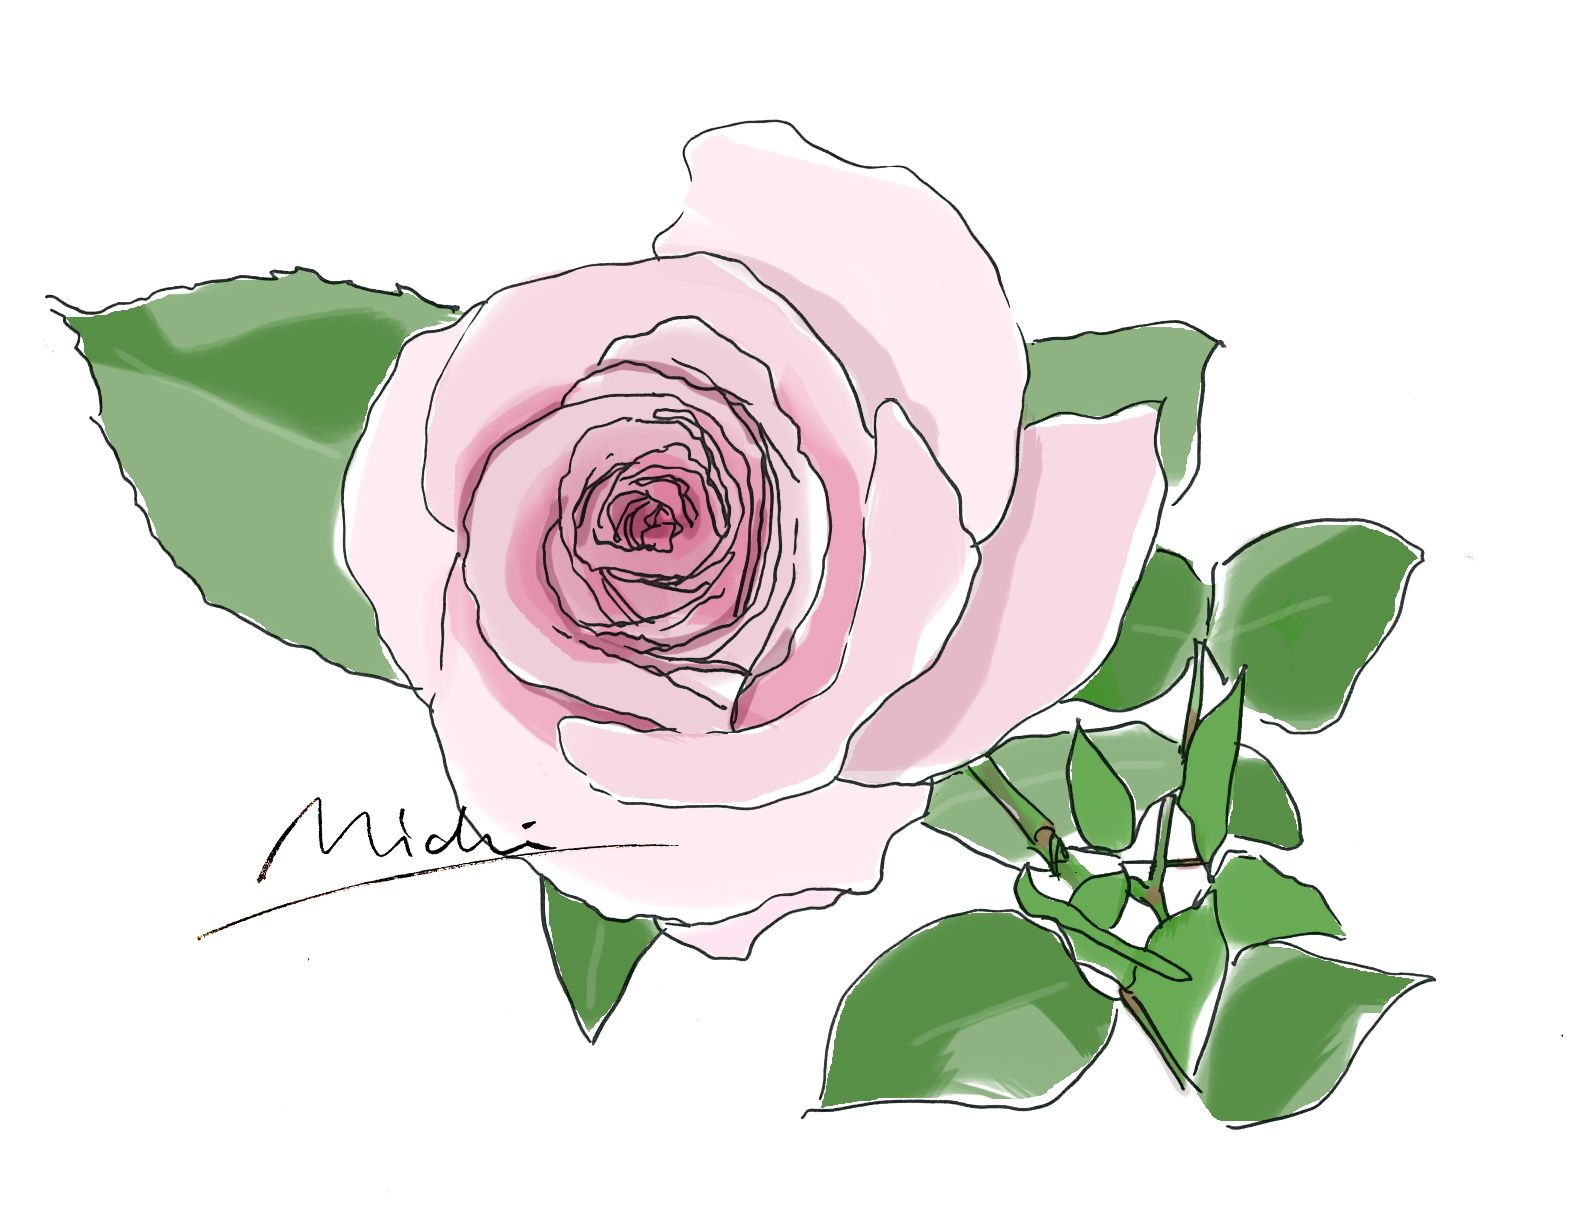 バラ 薔薇 ローズ Rose Herbs Botanical Croquis Illustration ファッションイラスト Aloma Flower 花 水彩画 花のスケッチ ラベンダー イラスト